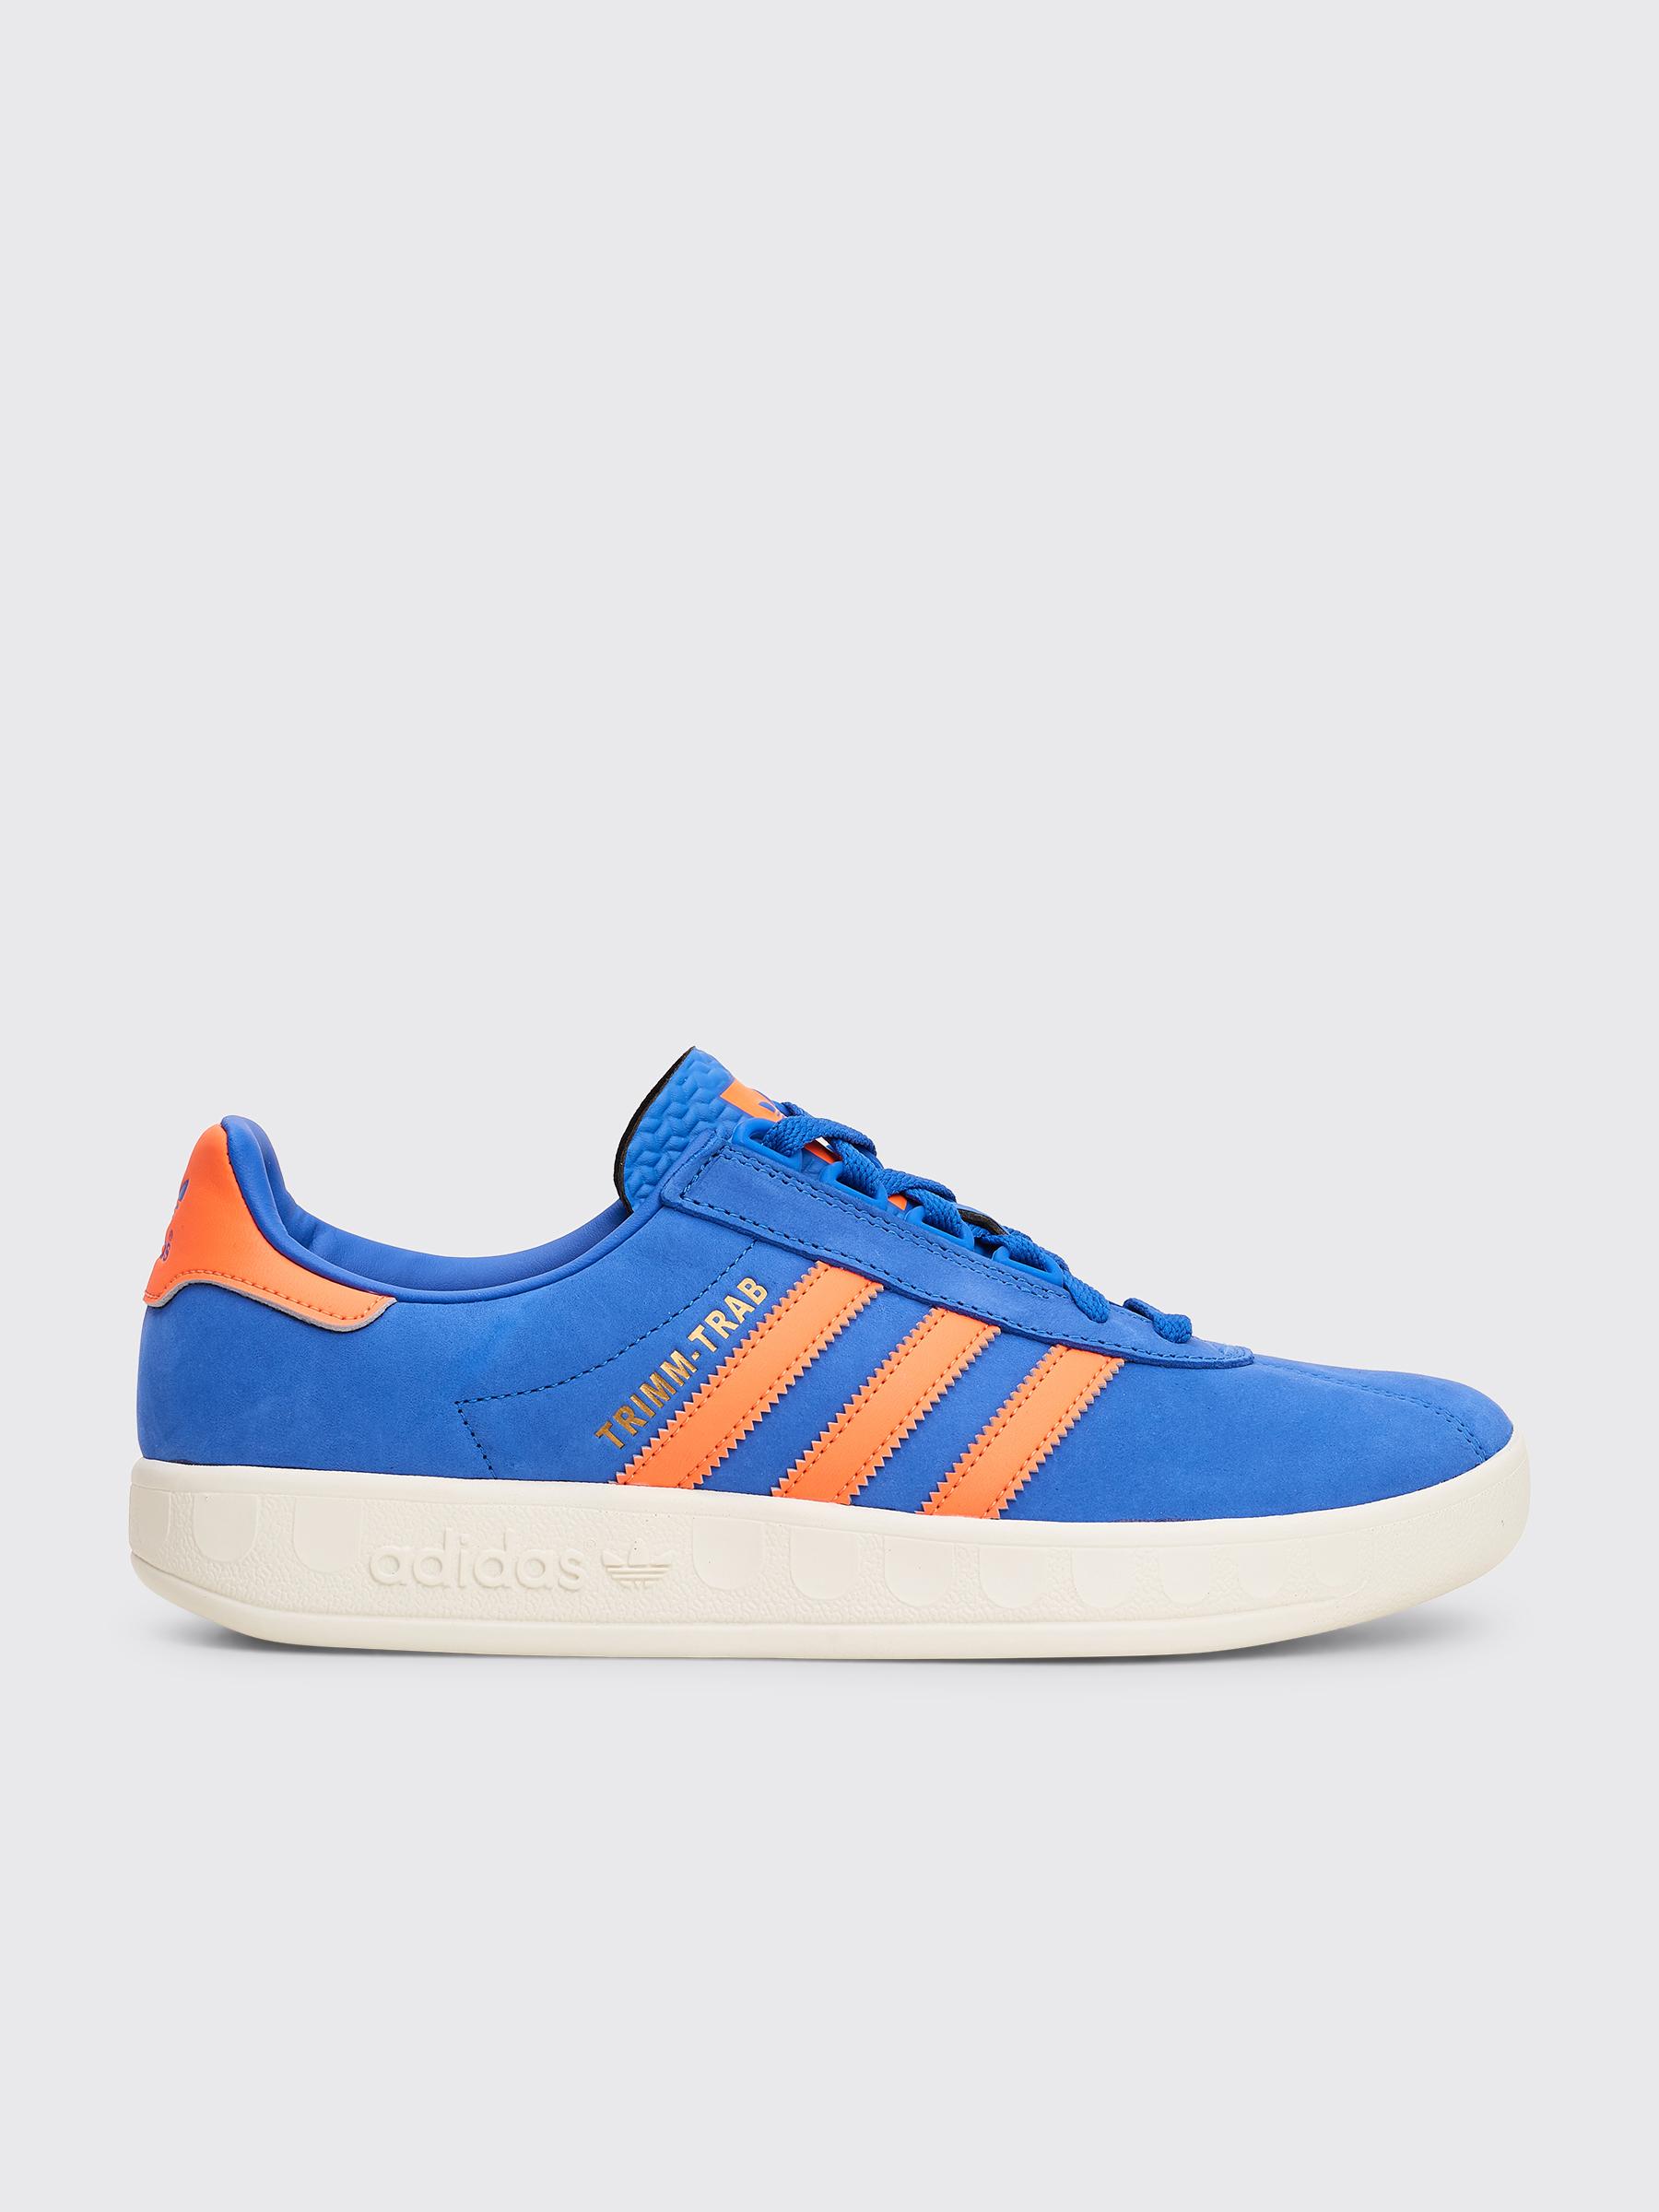 adidas sneakers blue orange